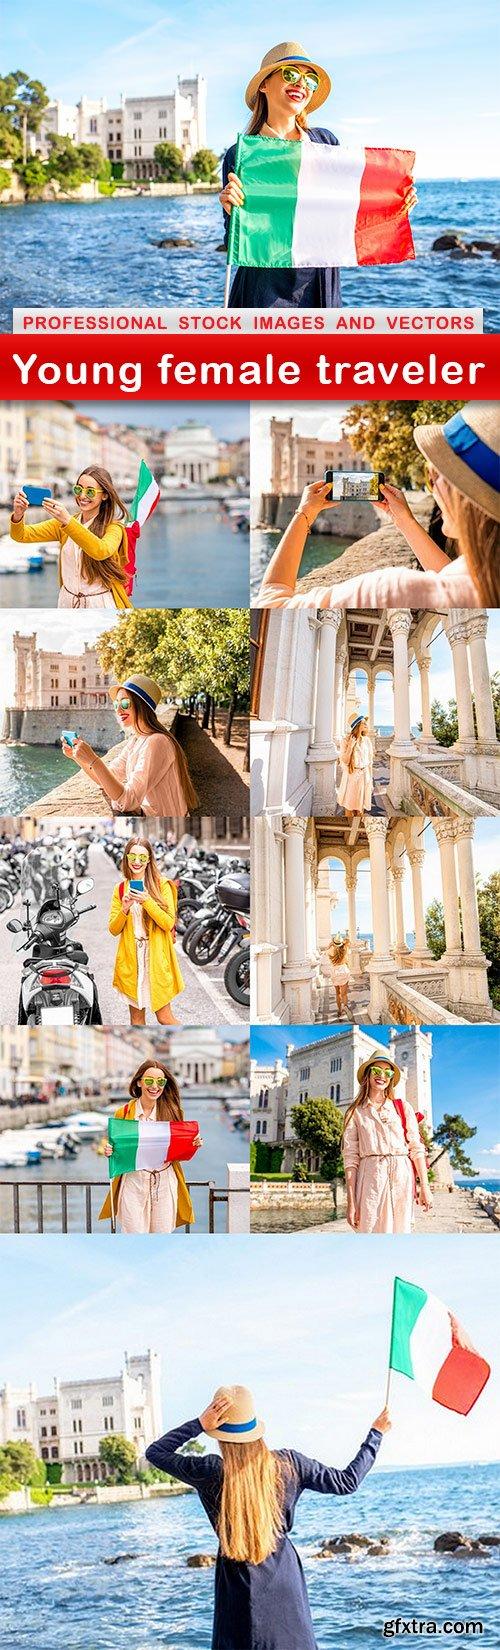 Young female traveler - 10 UHQ JPEG